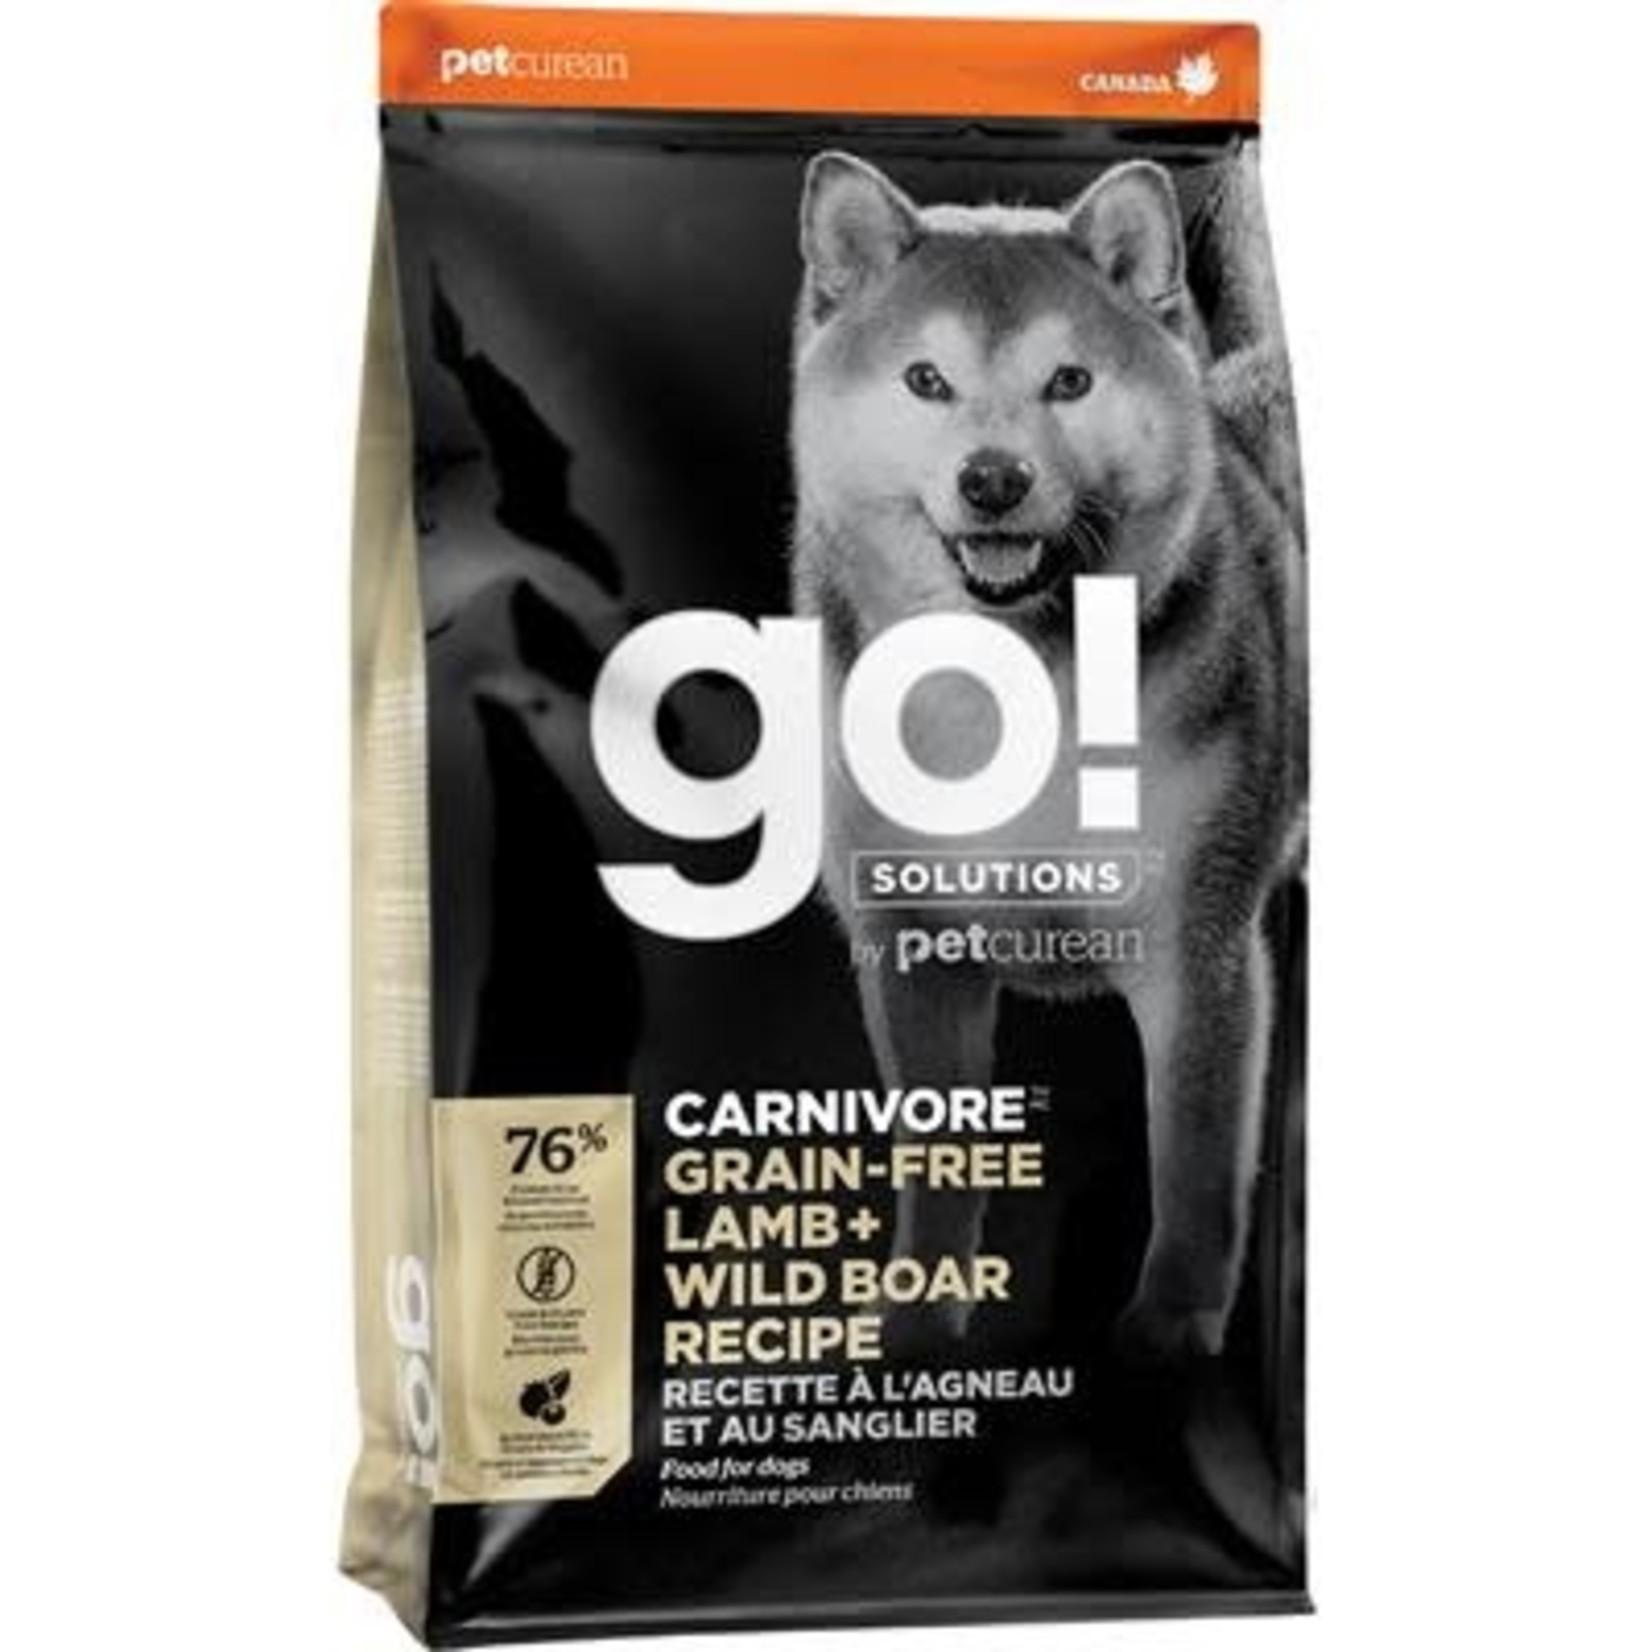 Go! Go!Dog Carnivore Grain free lamb & Wild Boar